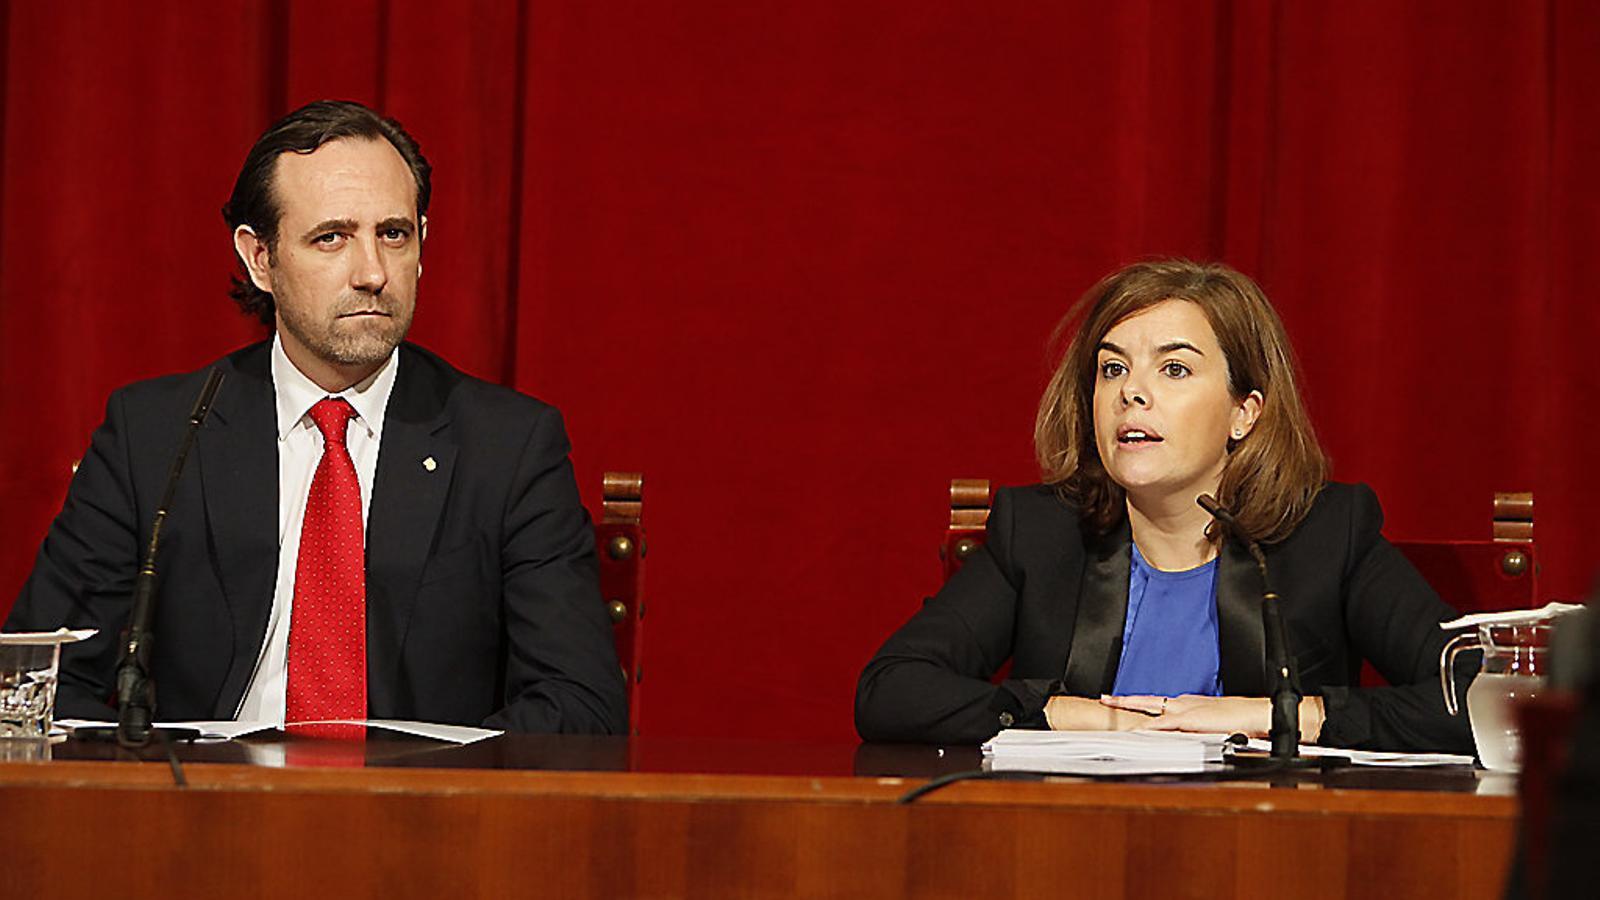 José Ramón Bauzá amb l'exvicepresidenta espanyola, Soraya Sáenz de Santamaría, que podria optar a presidir el PP.